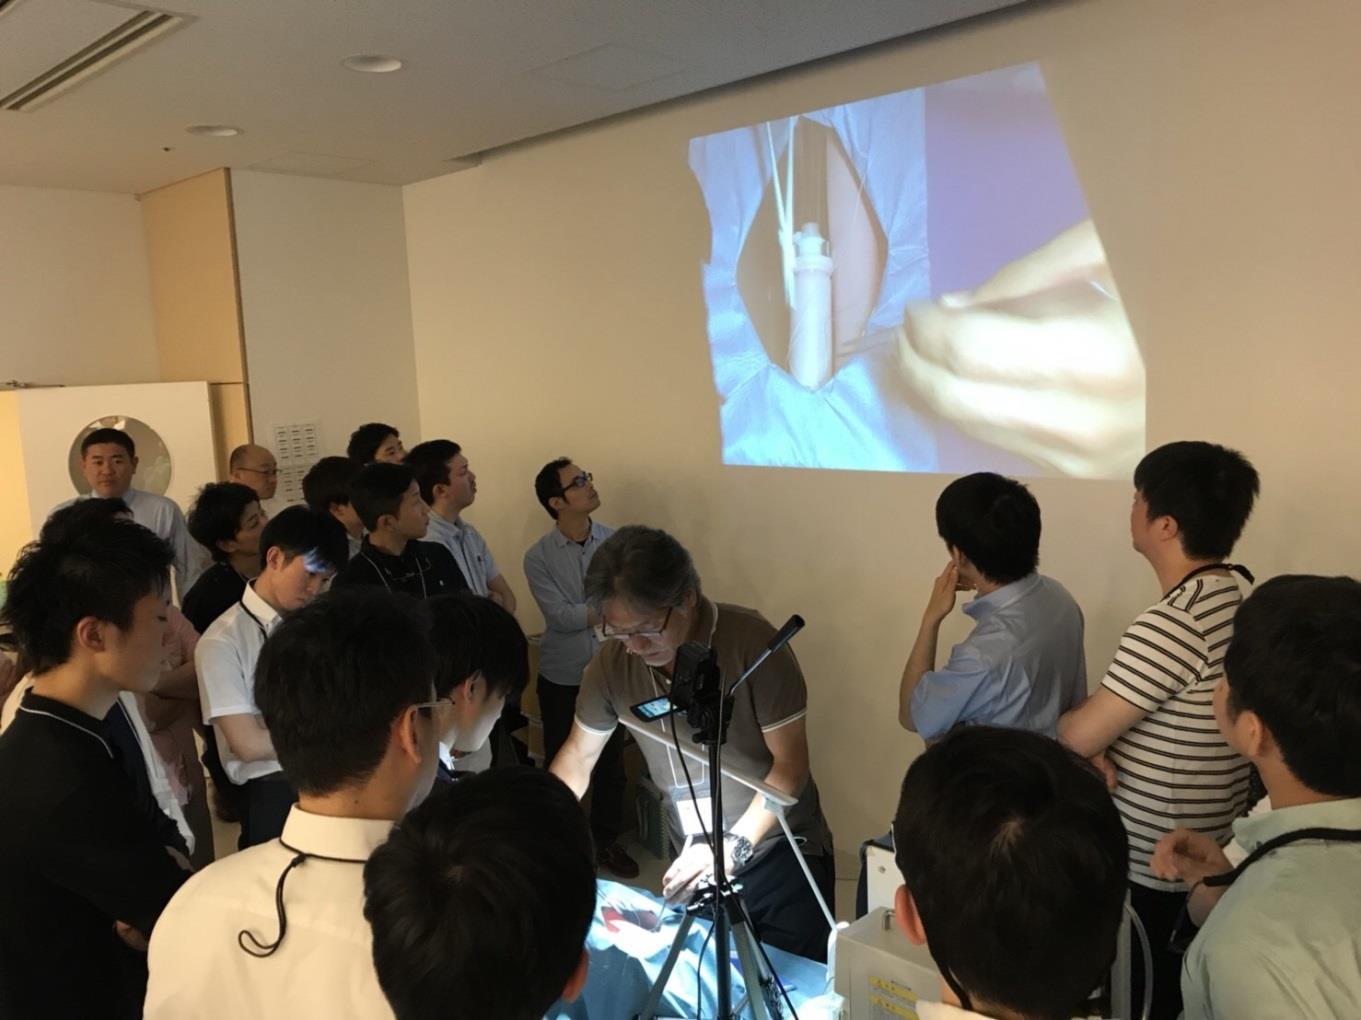 昨年同様、安永先生のレクチャーは活気づいておりました。